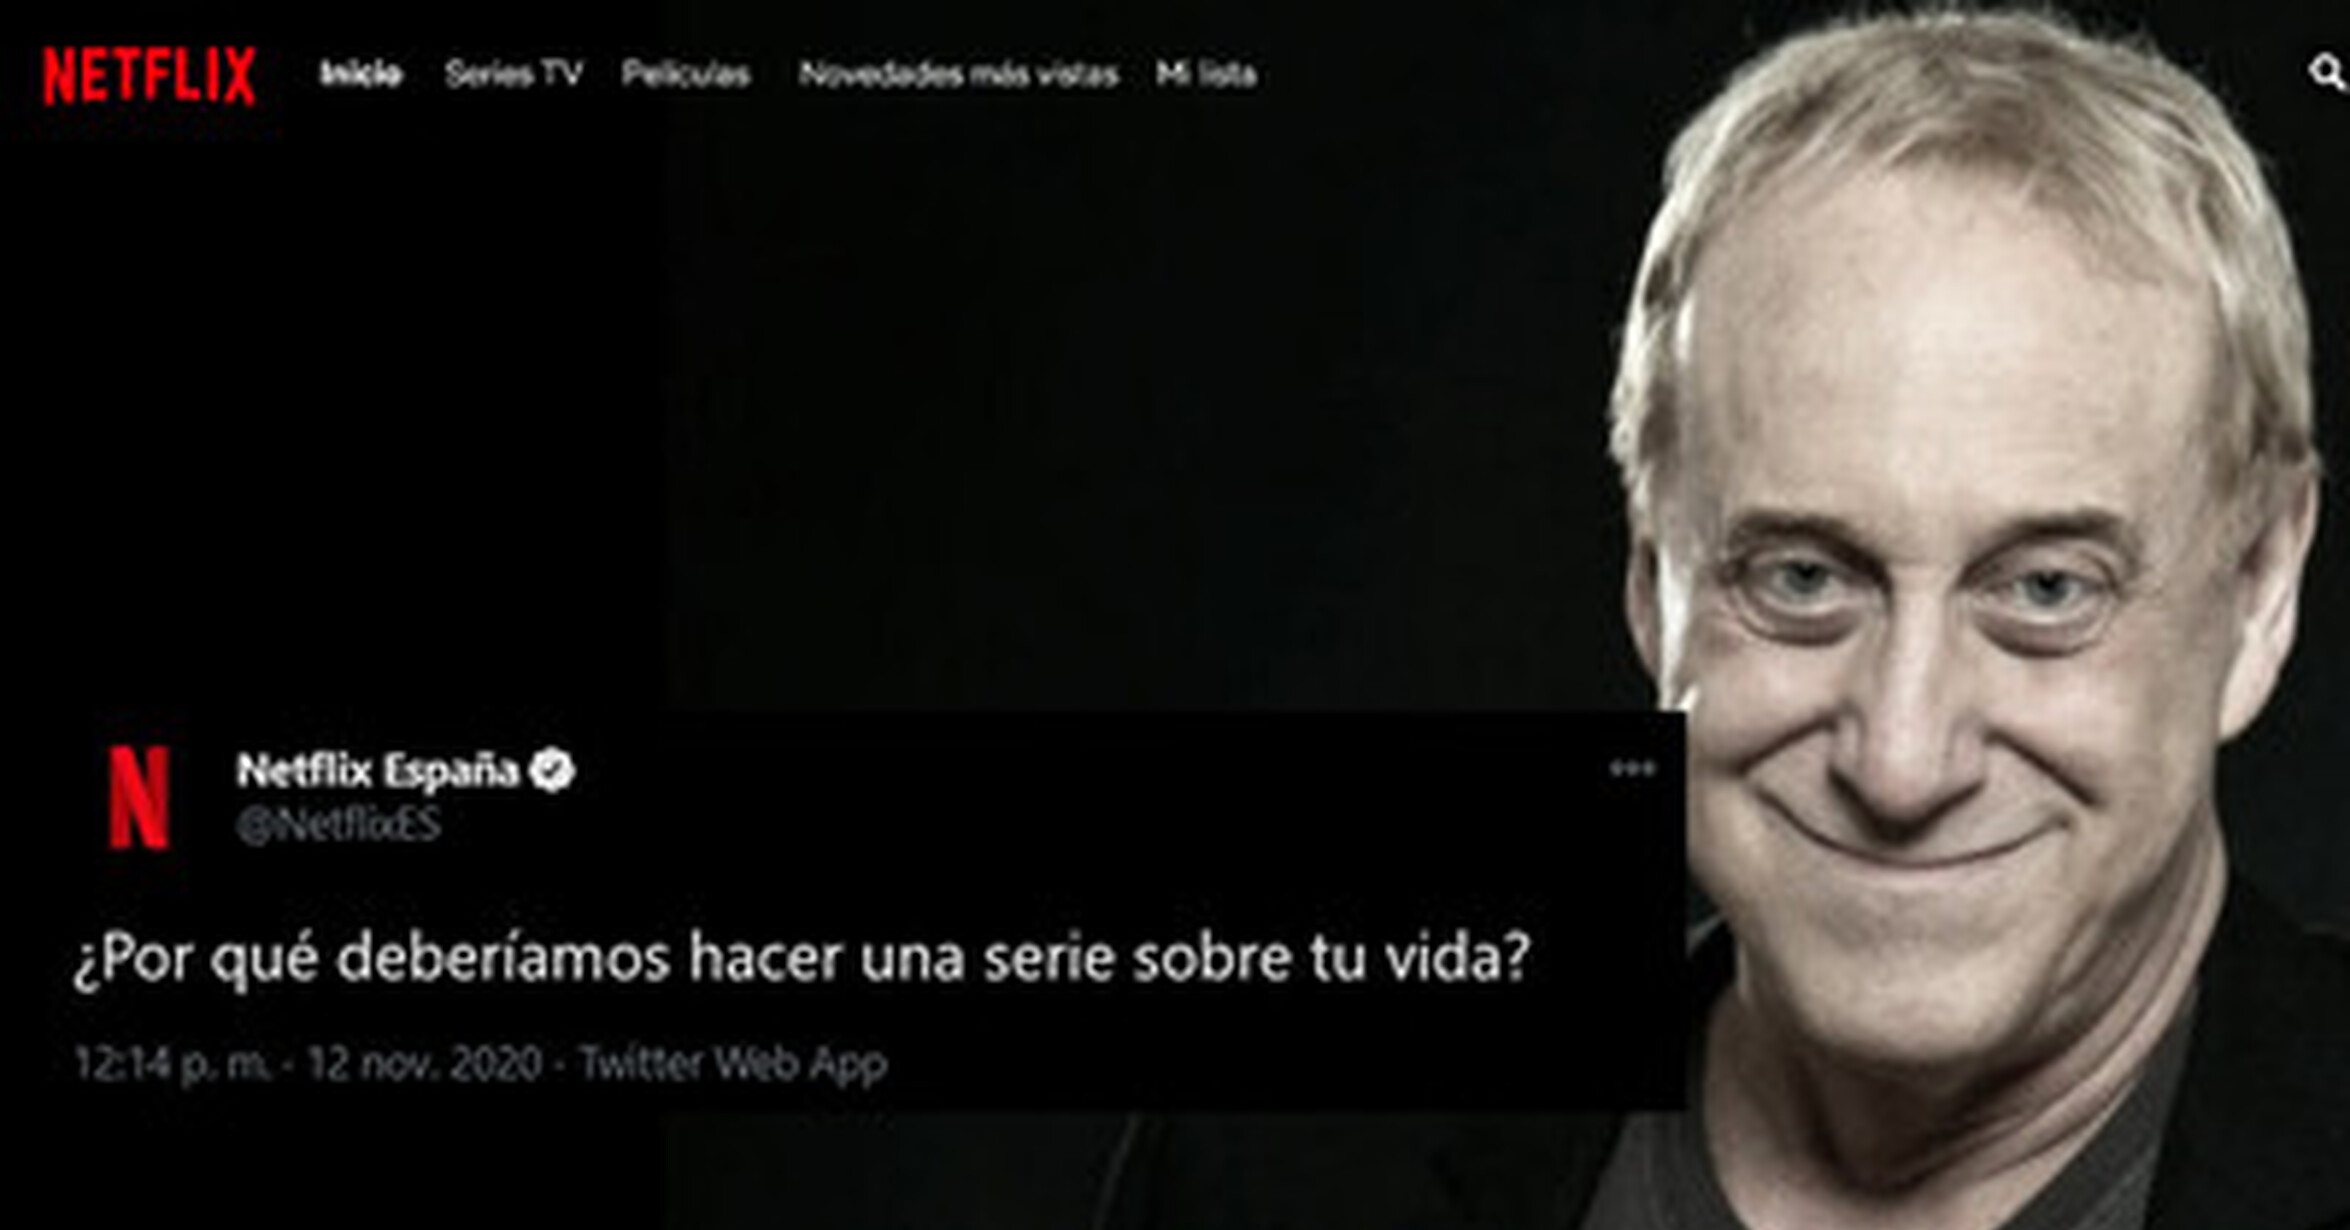 Netflix pregunta en Twitter pregunta por qué debería hacer una serie sobre tu vida y responde Josep M. Mainat con una gran respuesta